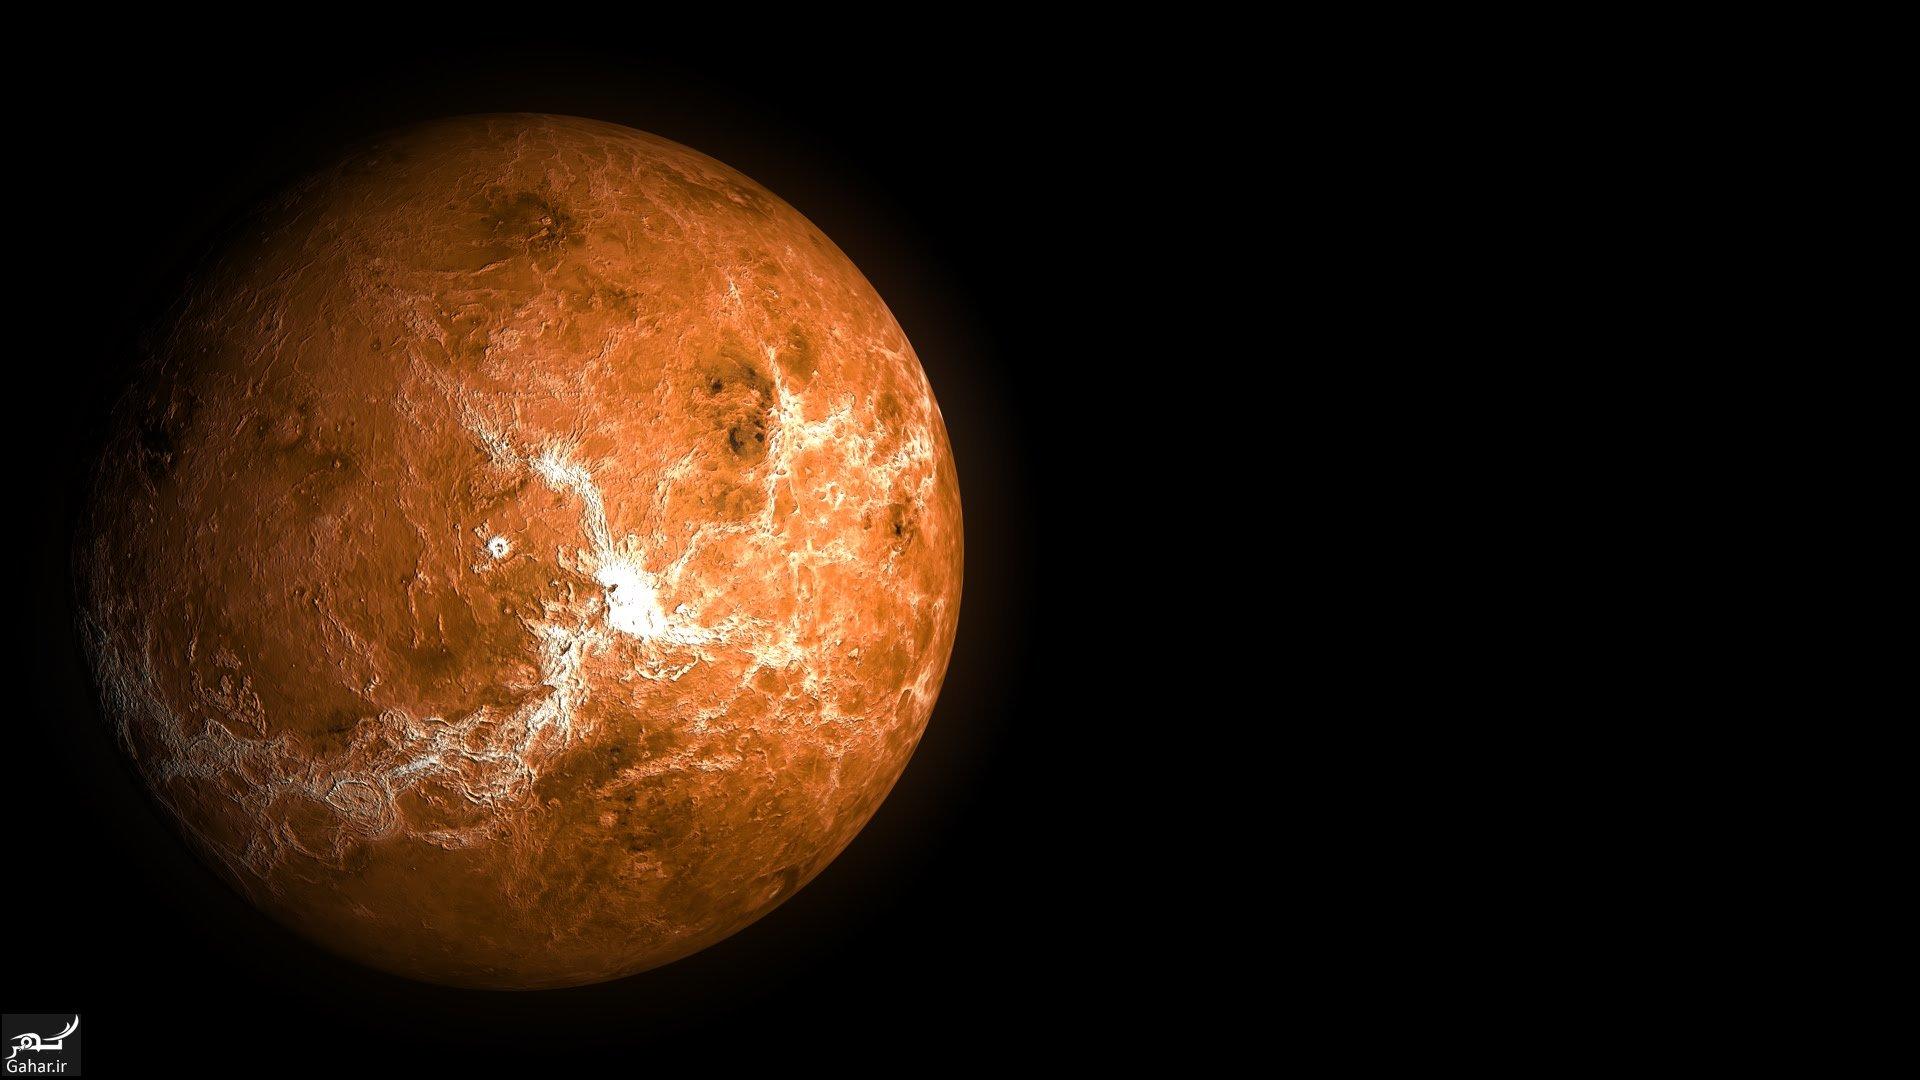 حقایقی جالب و خواندنی در مورد سیاره زهره, جدید 1400 -گهر